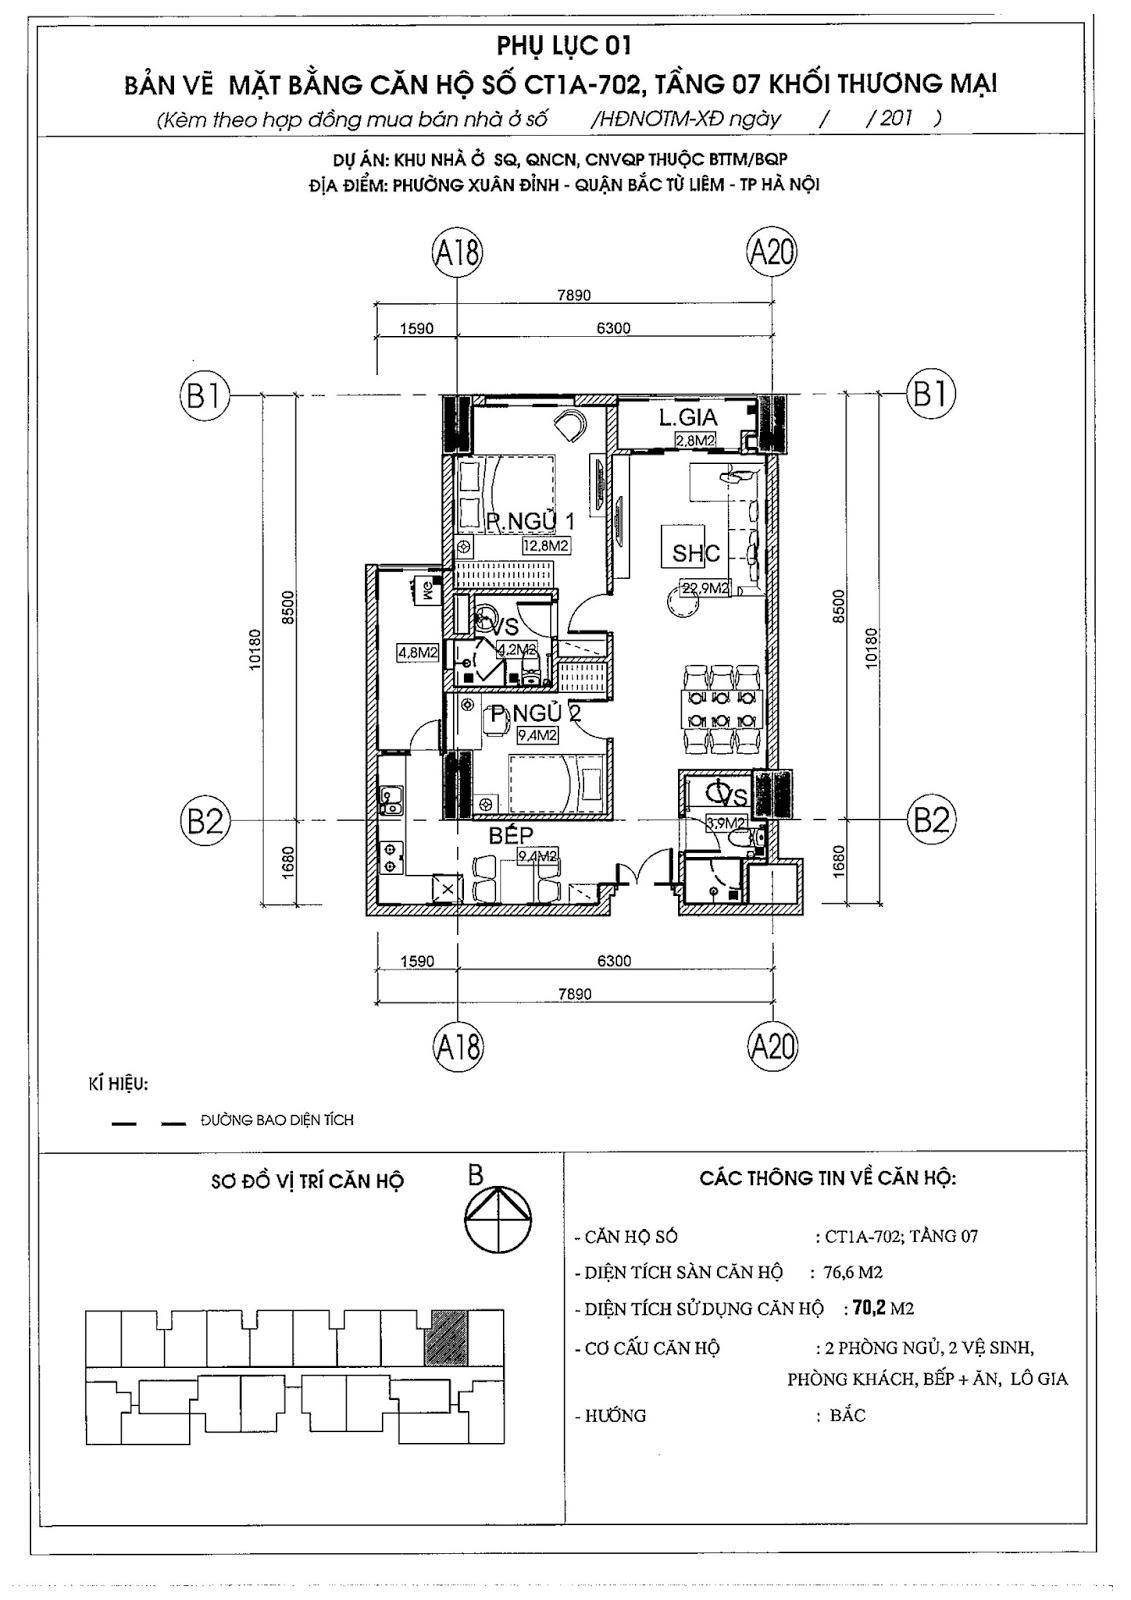 [ Mẫu thiết kế bản CAD căn hộ 02 | Chung cư 789 Xuân Đỉnh ]